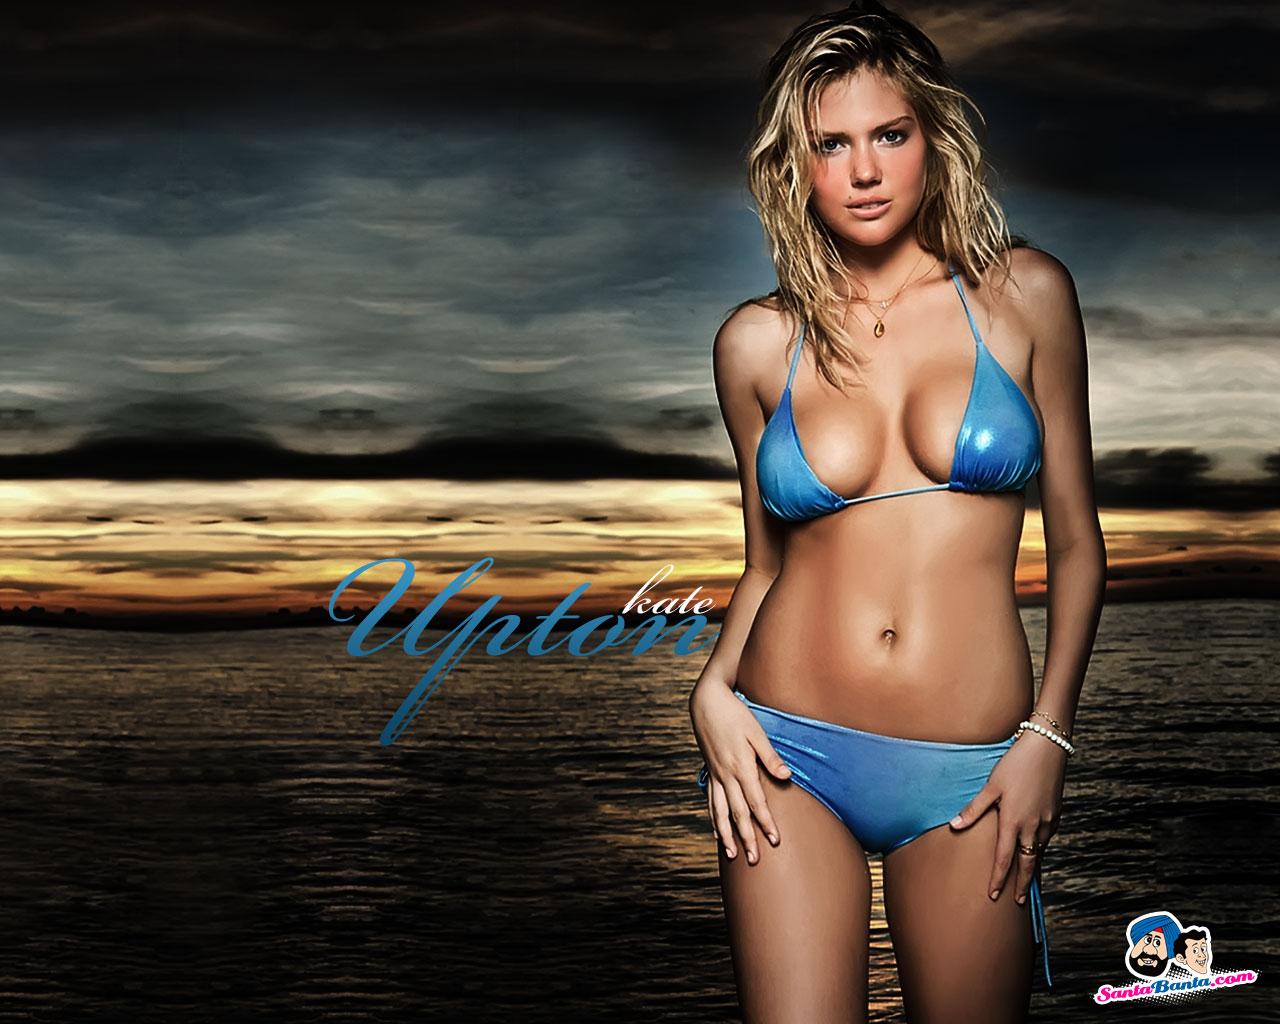 http://4.bp.blogspot.com/-05e9lHLdC3M/T7M2KaPdy2I/AAAAAAAABW4/HwCSZhNZ620/s1600/Kate-Upton-wallpaper-26.jpg